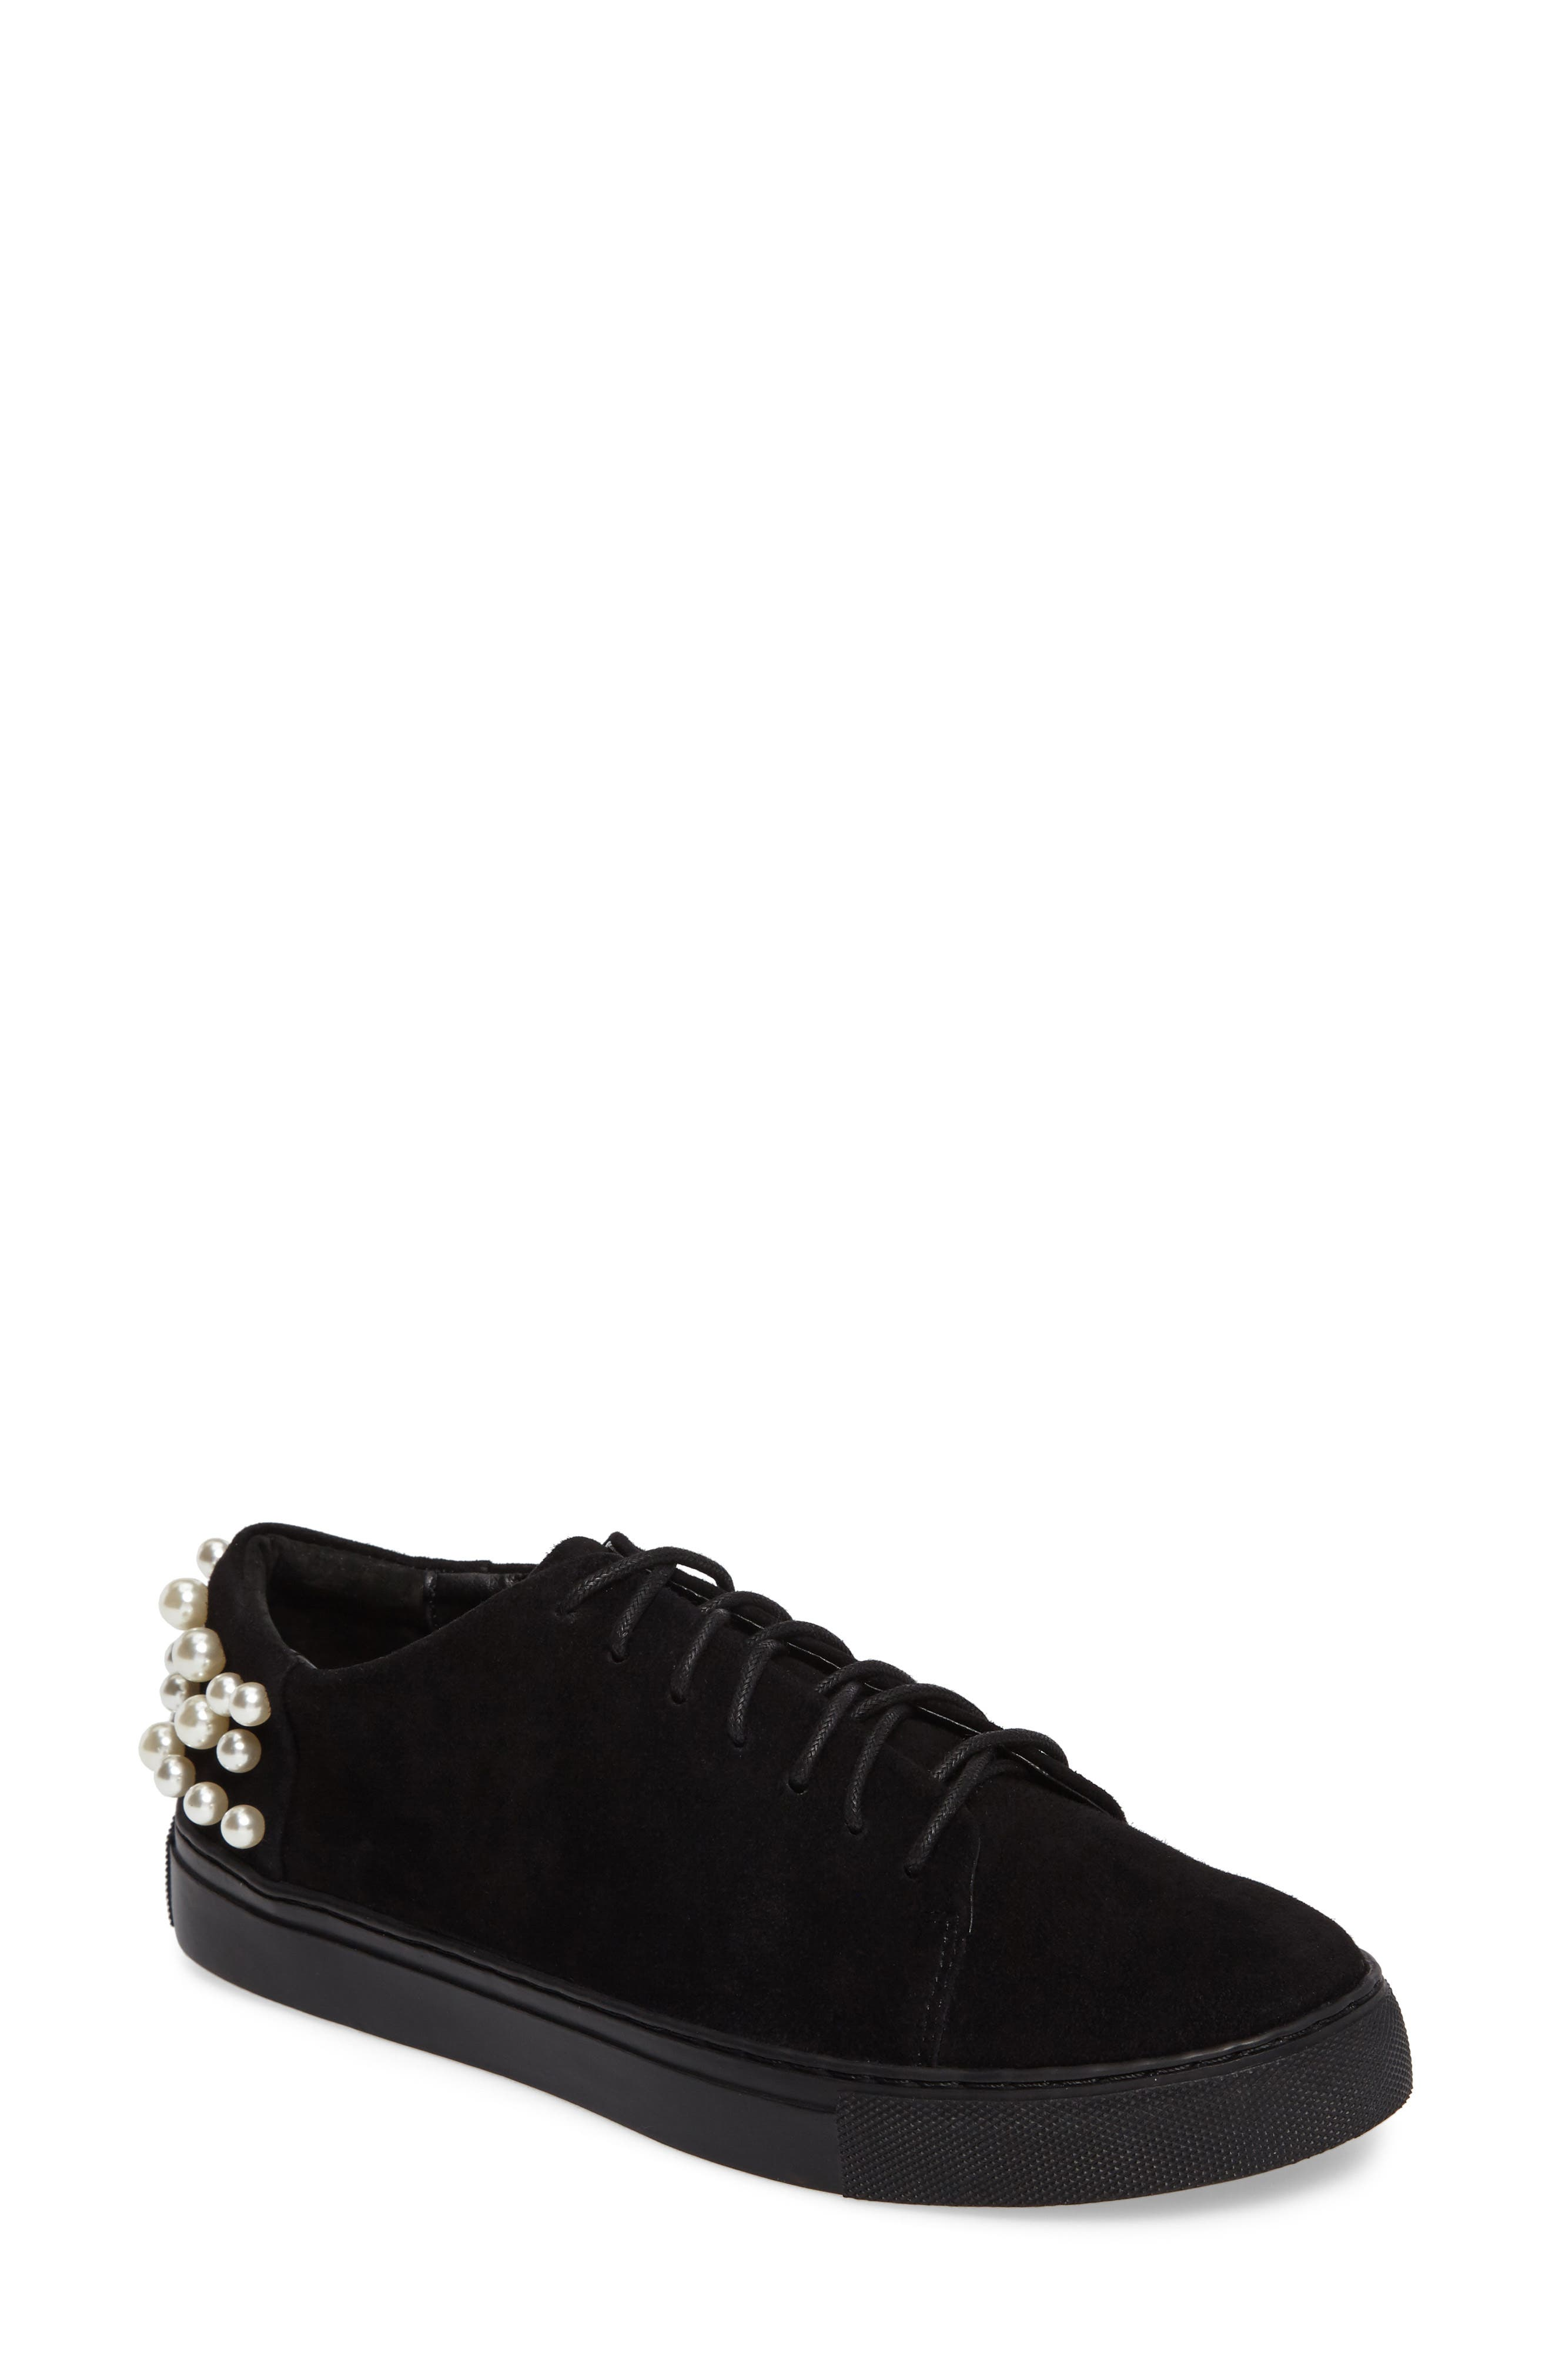 Haig Embellished Sneaker,                         Main,                         color, 001